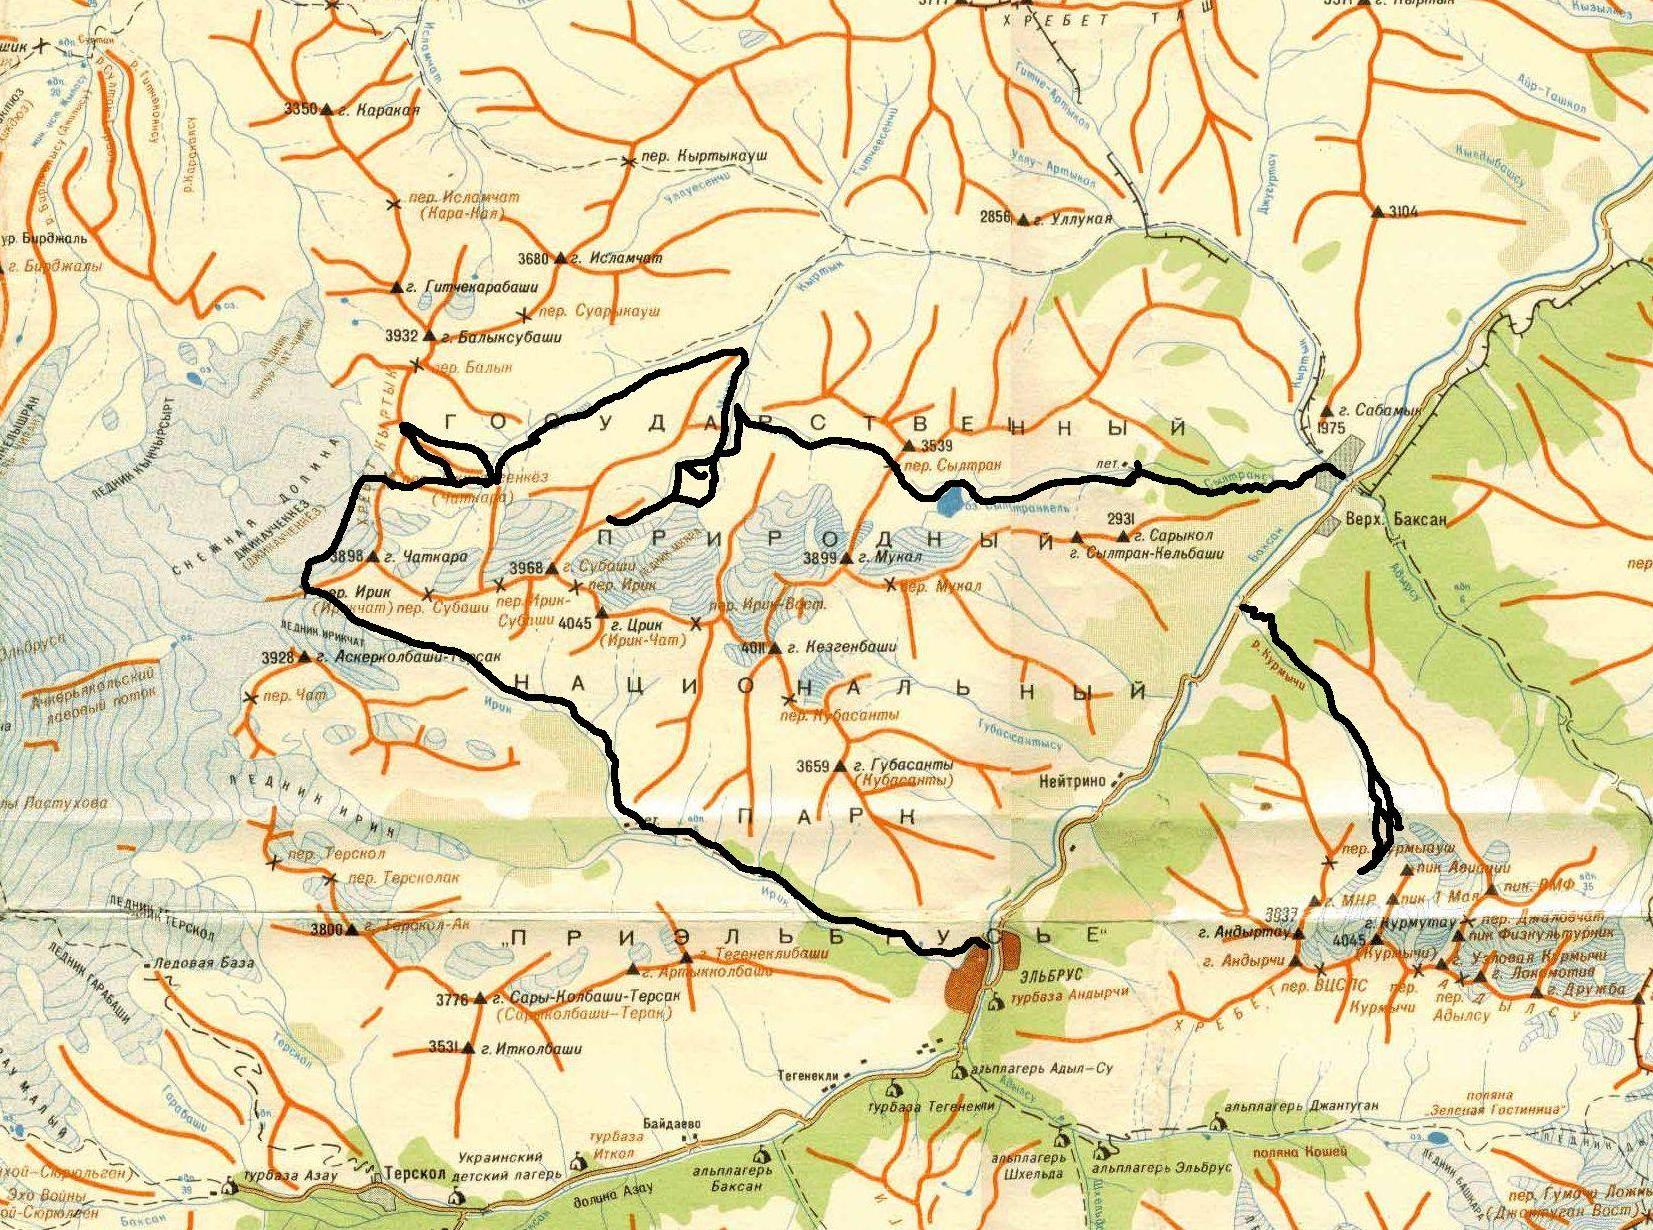 Отчет о горном туристском путешествии по Центральному ...: http://www.trumanoutdoor.ru/prielbrus2006.html